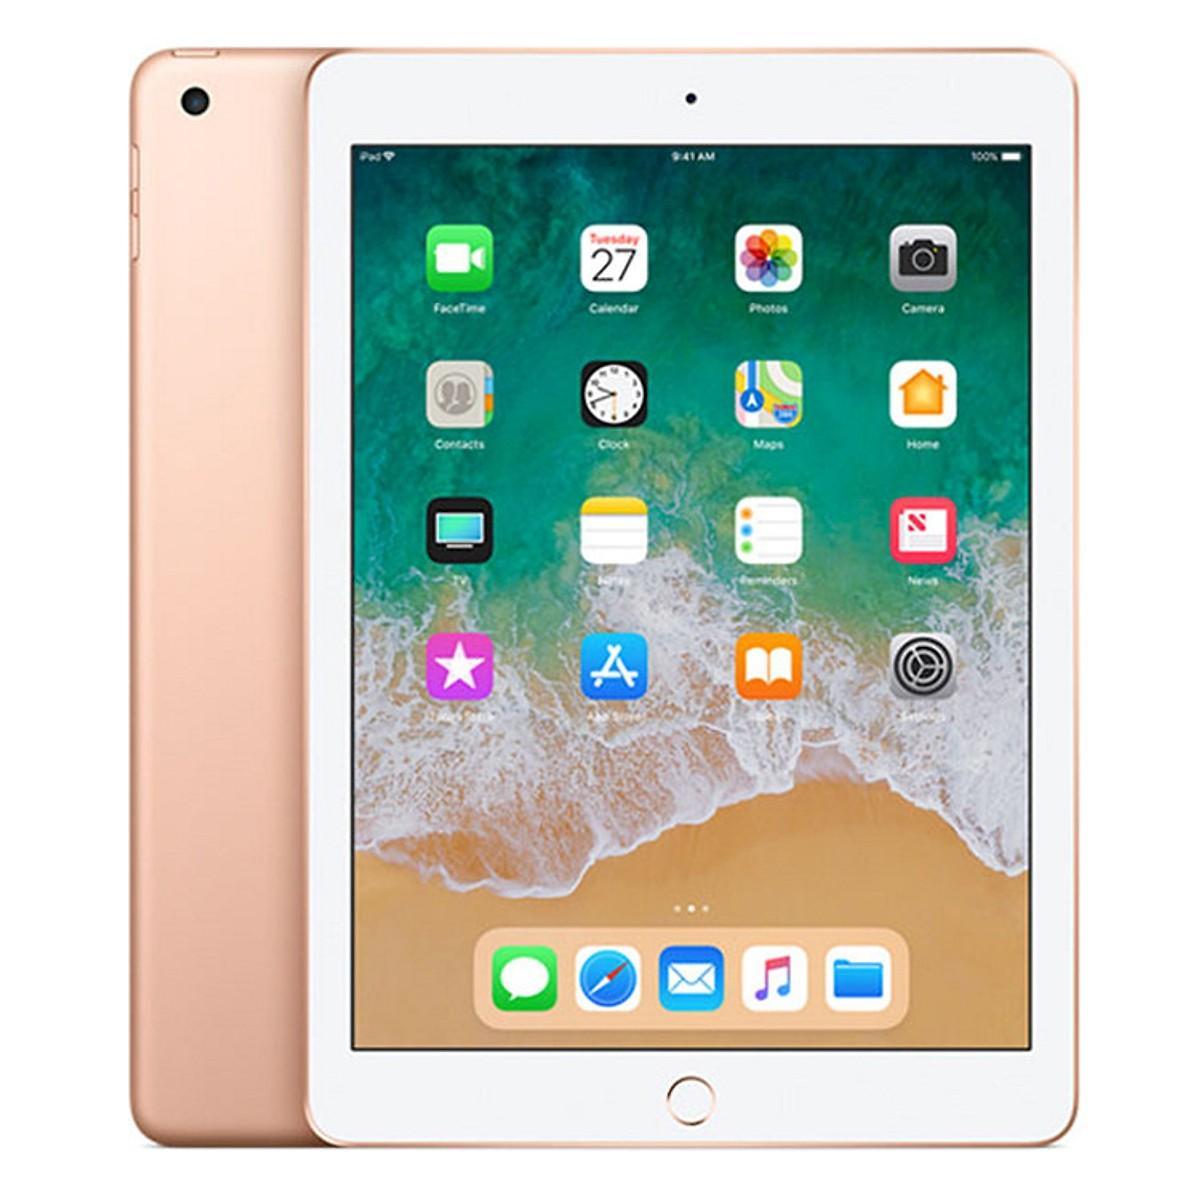 Máy tính bảng Ipad Gen 6 WiFi/Cellular 128GB New 2018 (Màu rose gold)